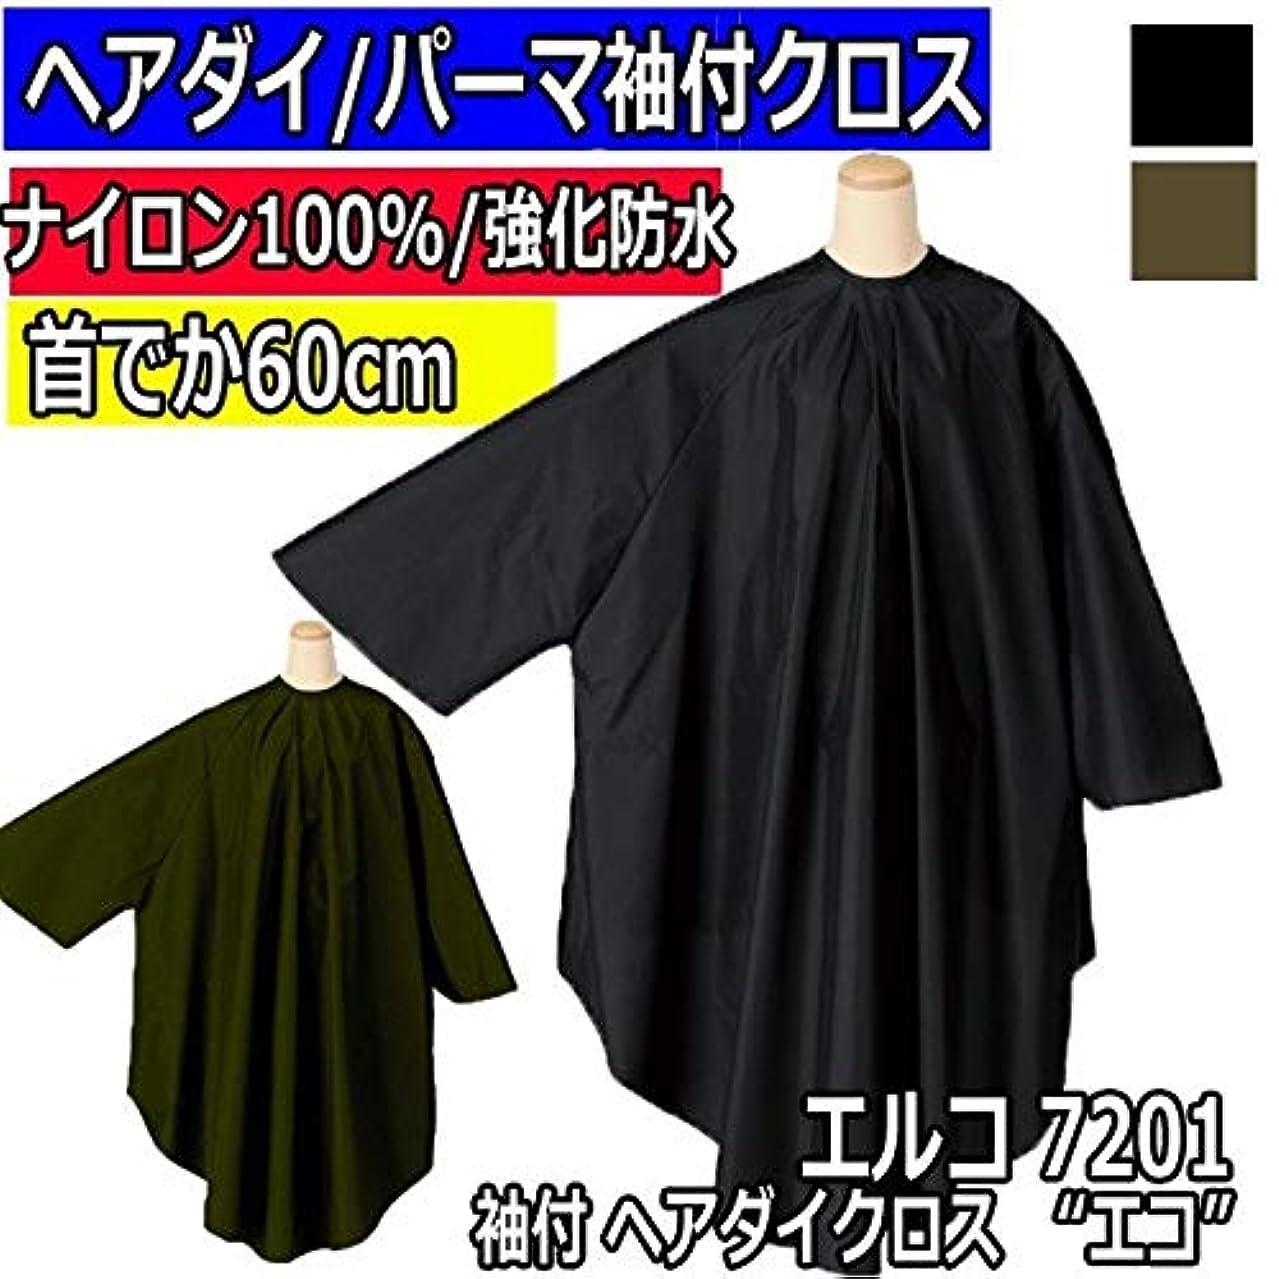 地震襟西防水加工 7201 袖付 ヘアダイクロス エコ 黒 60